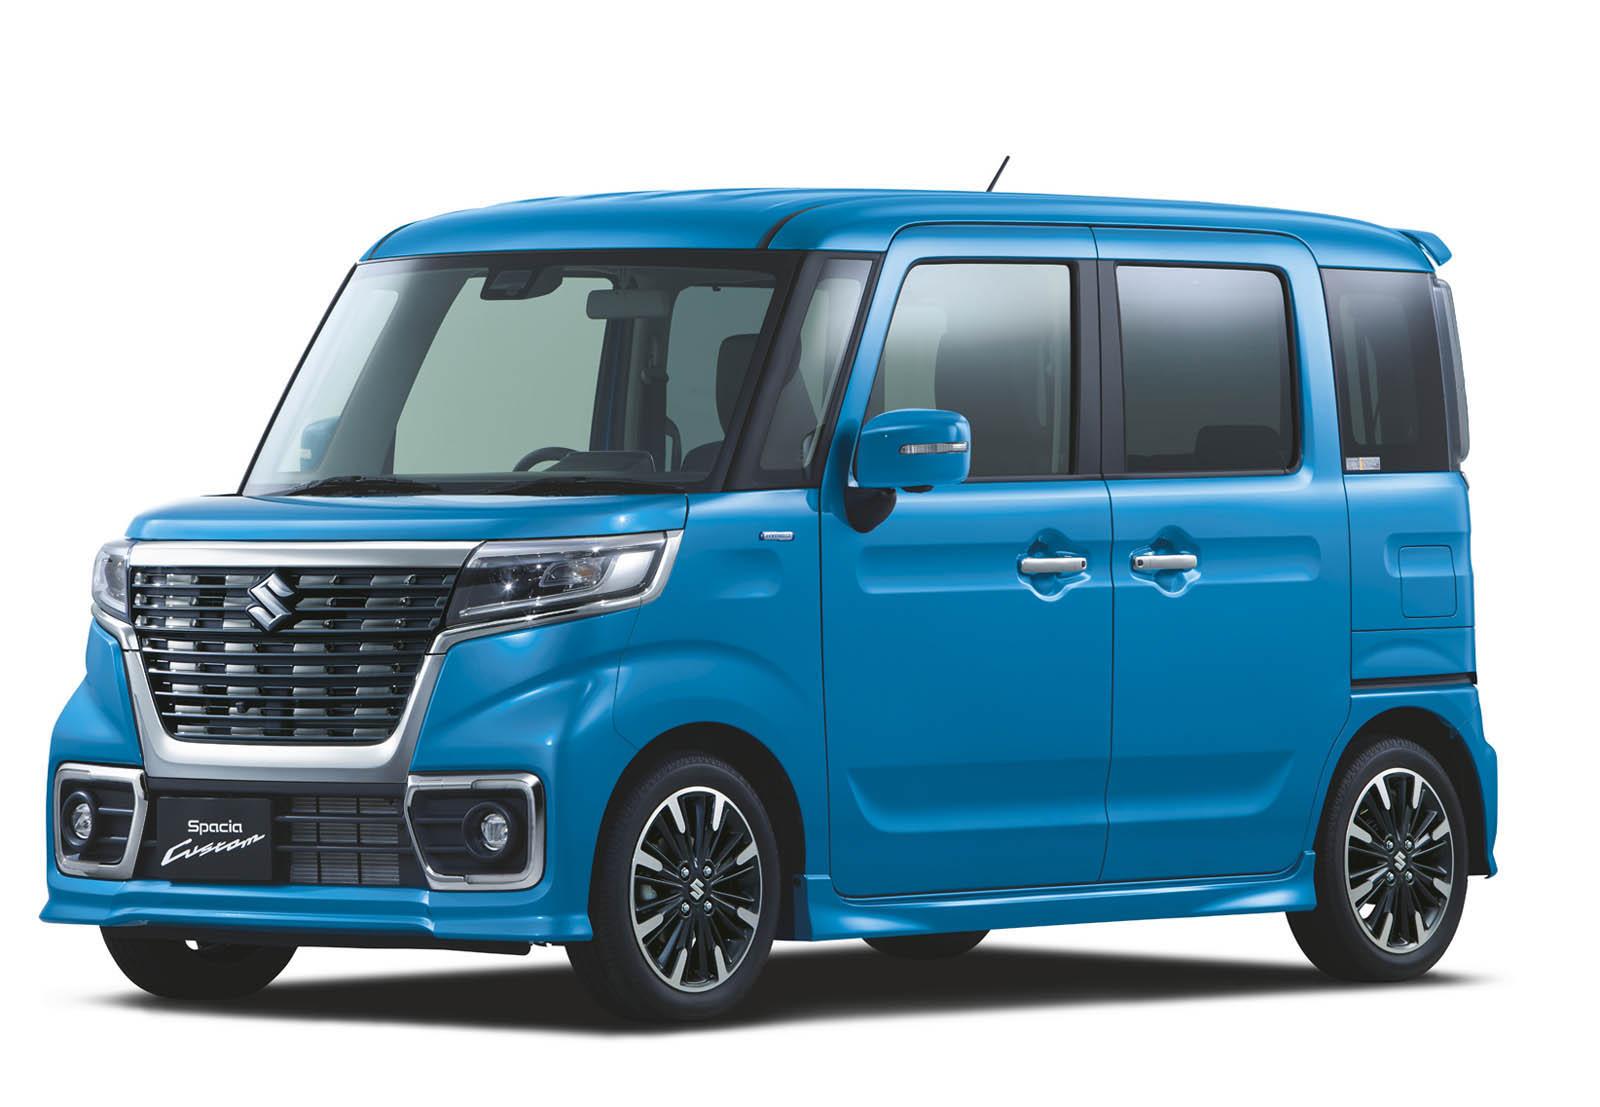 Suzuki Spacia 2018 (21)